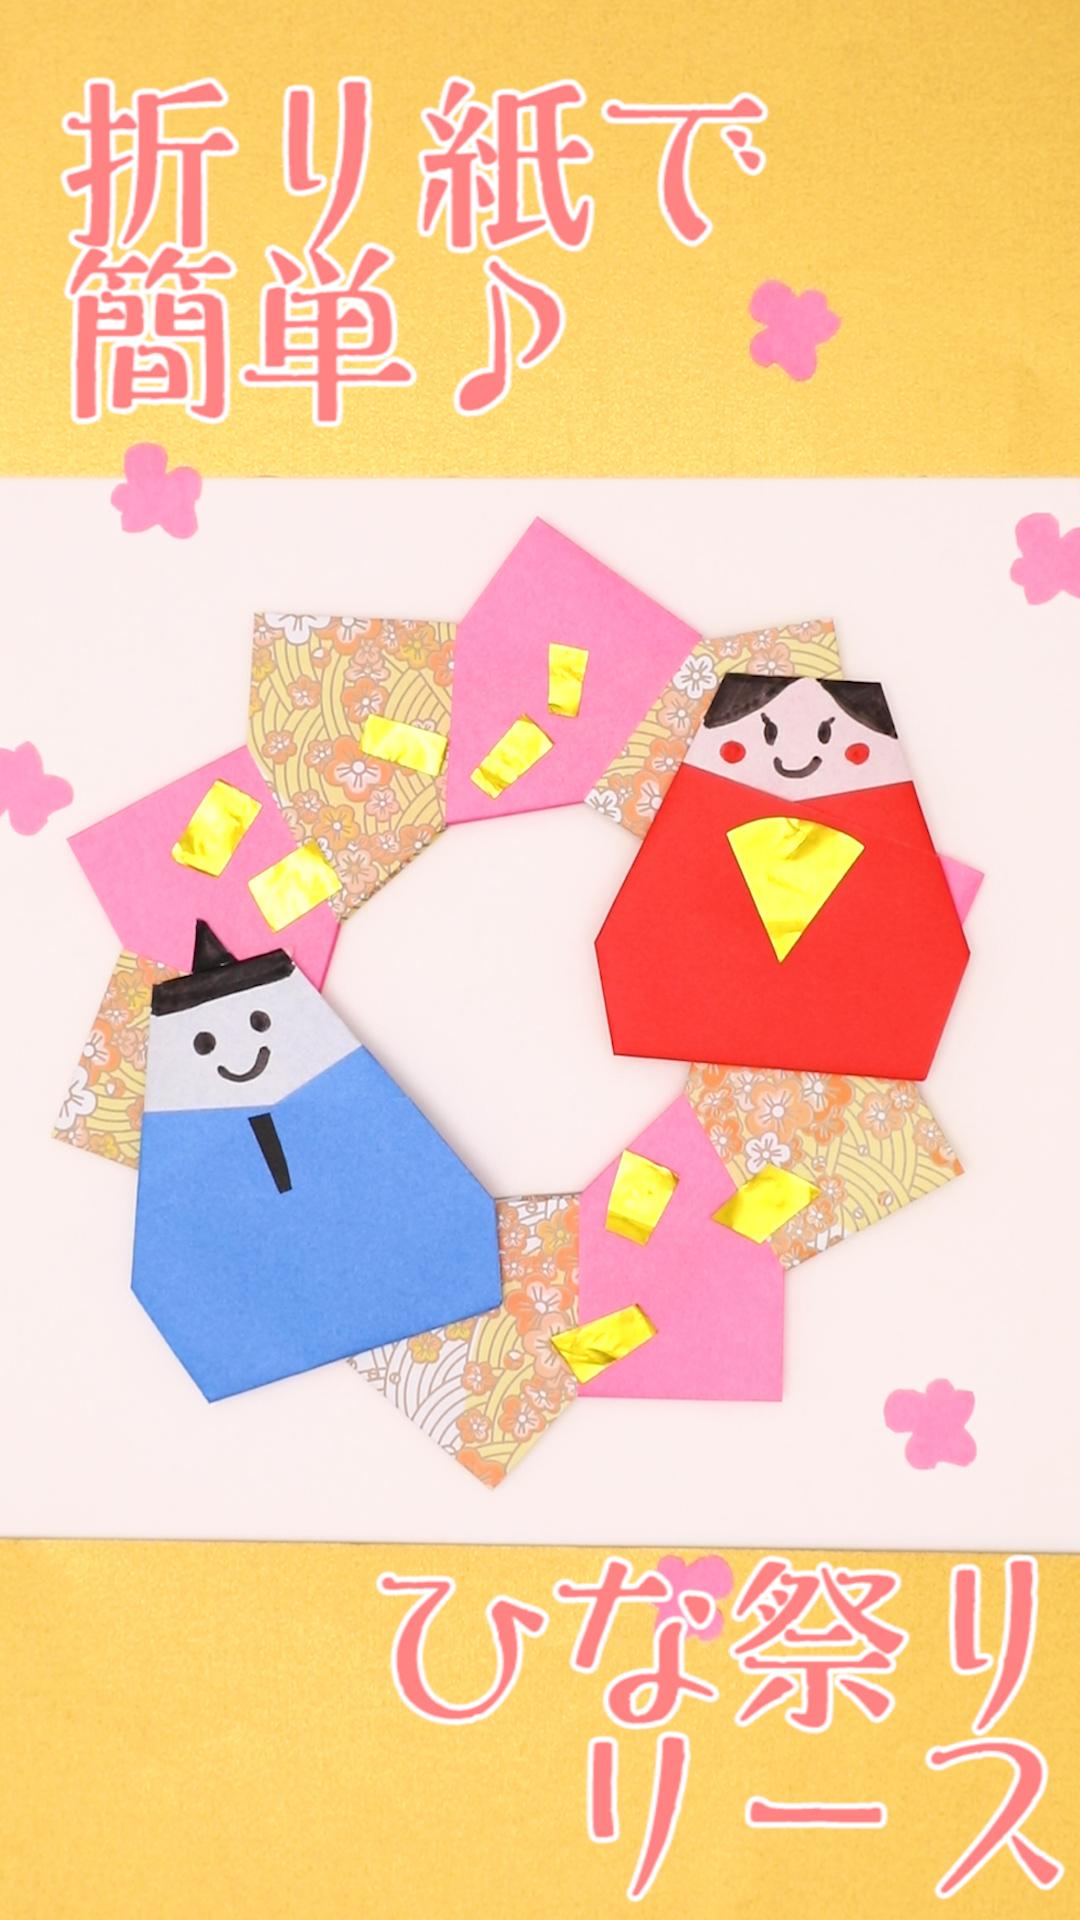 【動画】ひな祭りリース 折り紙で簡単♪